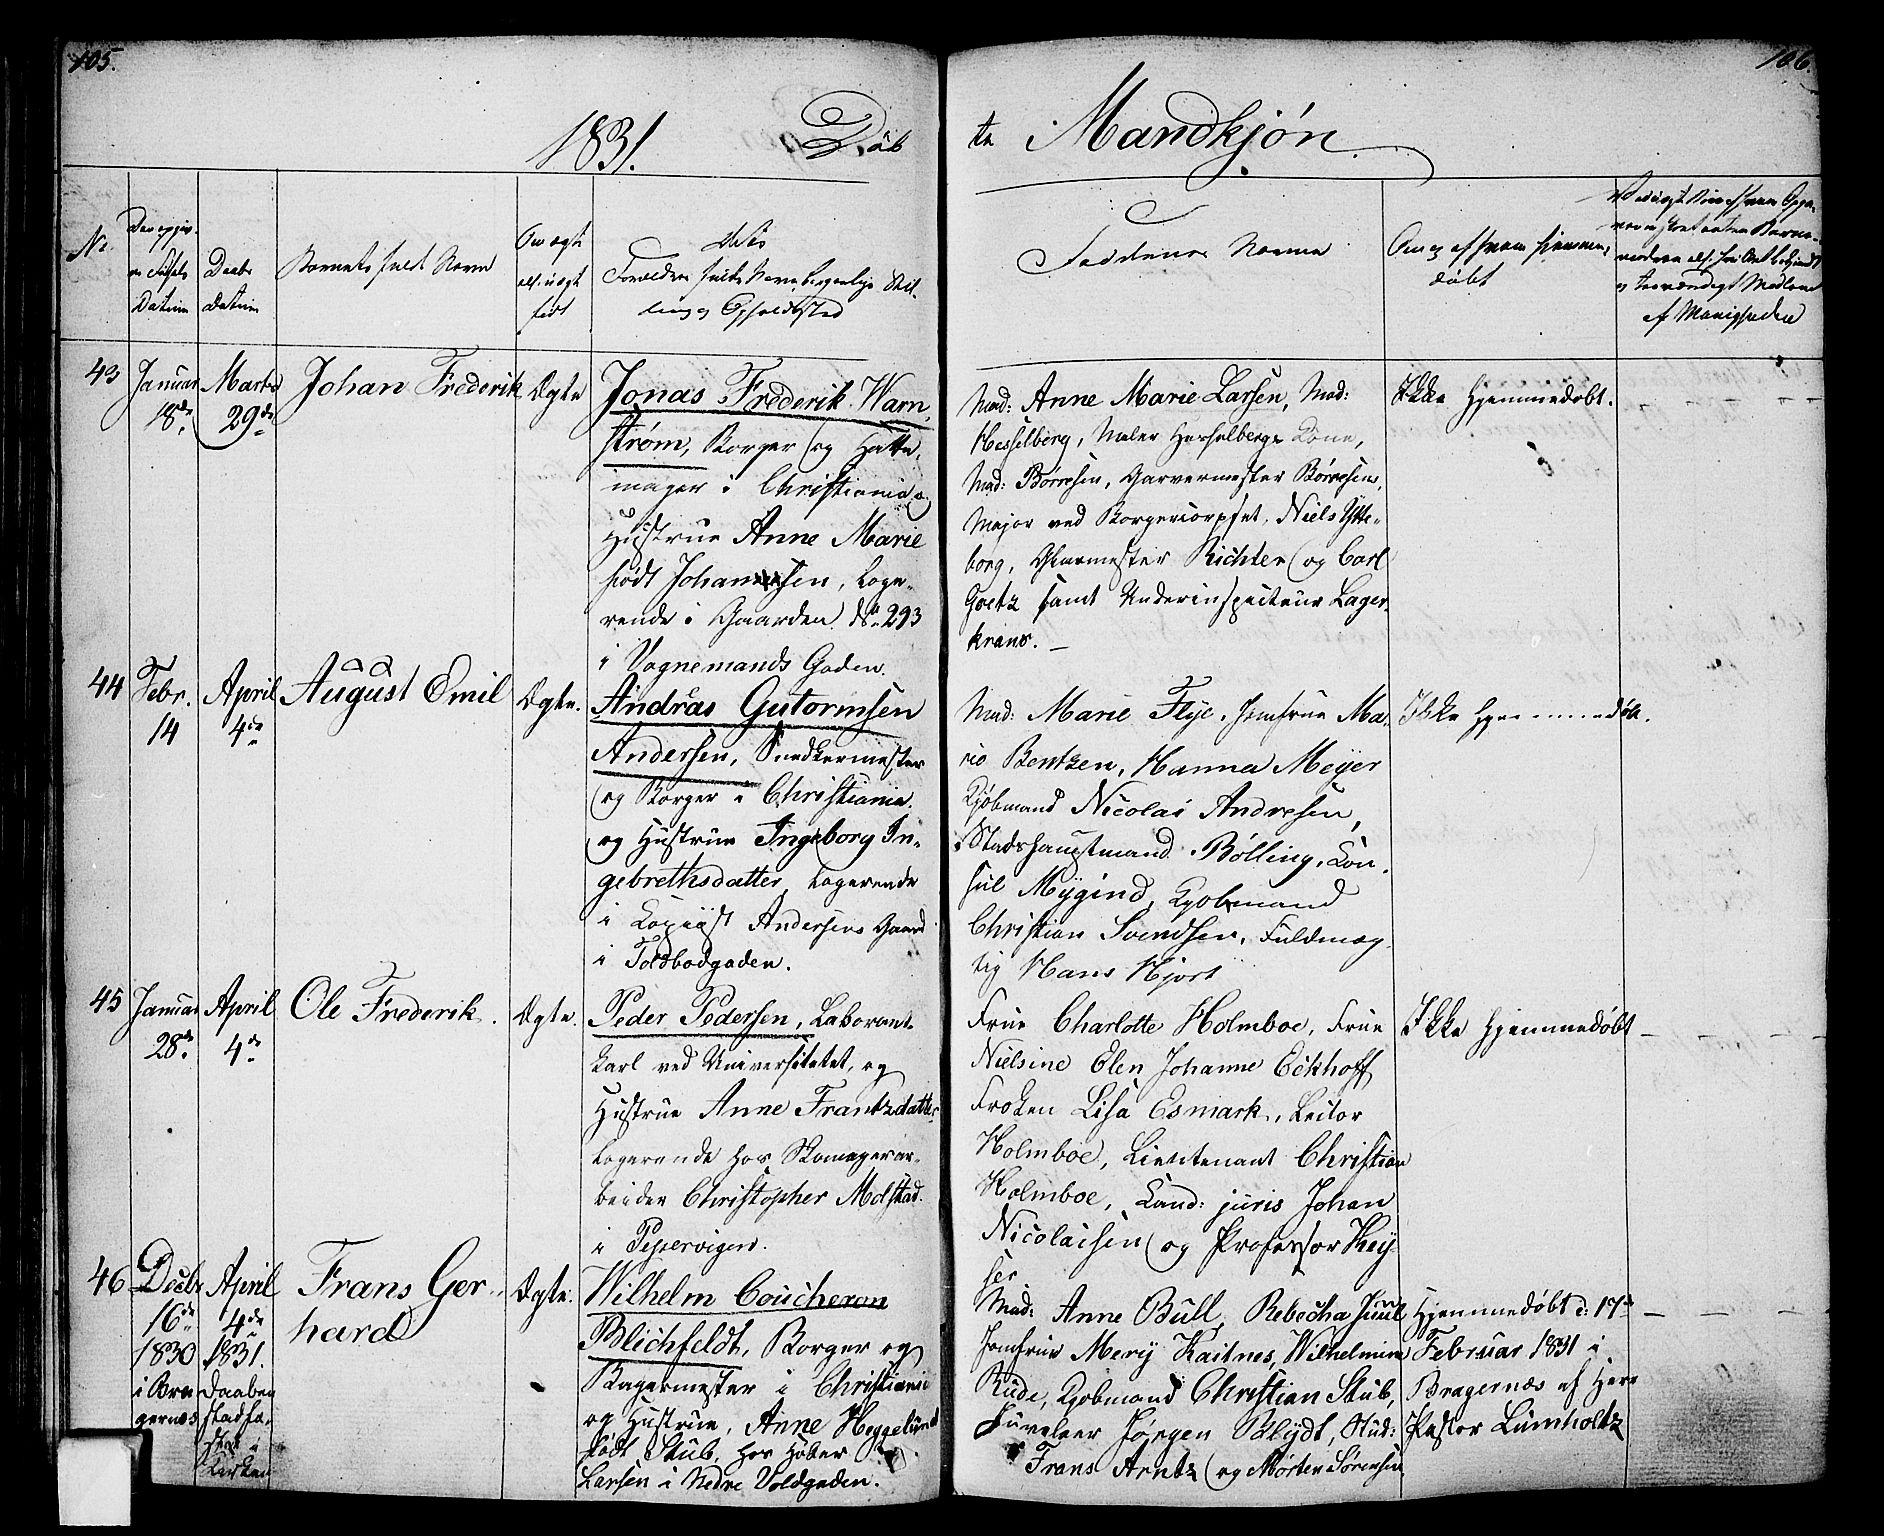 SAO, Oslo domkirke Kirkebøker, F/Fa/L0011: Ministerialbok nr. 11, 1830-1836, s. 105-106